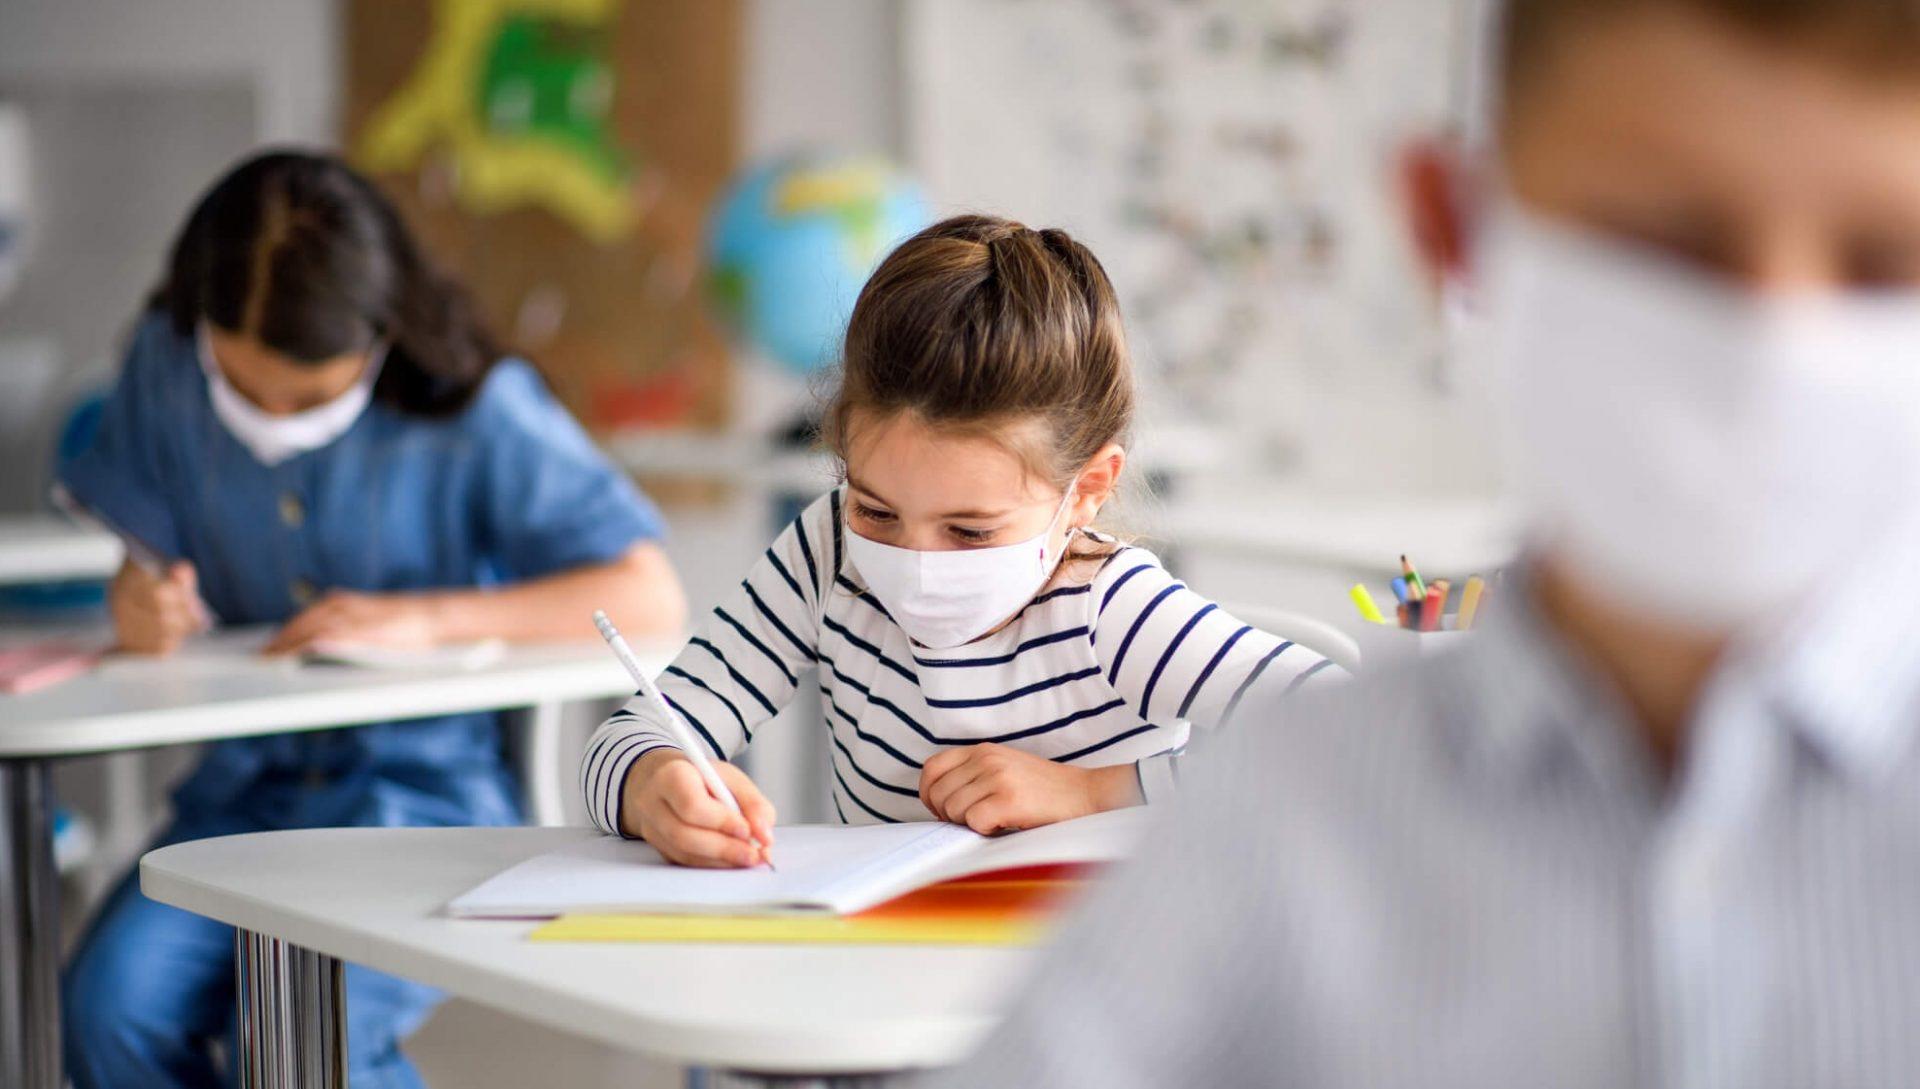 Editiadedimineata: Un început de școală altfel. După șase luni de pandemie, clopoțelul sună din nou pentru elevi